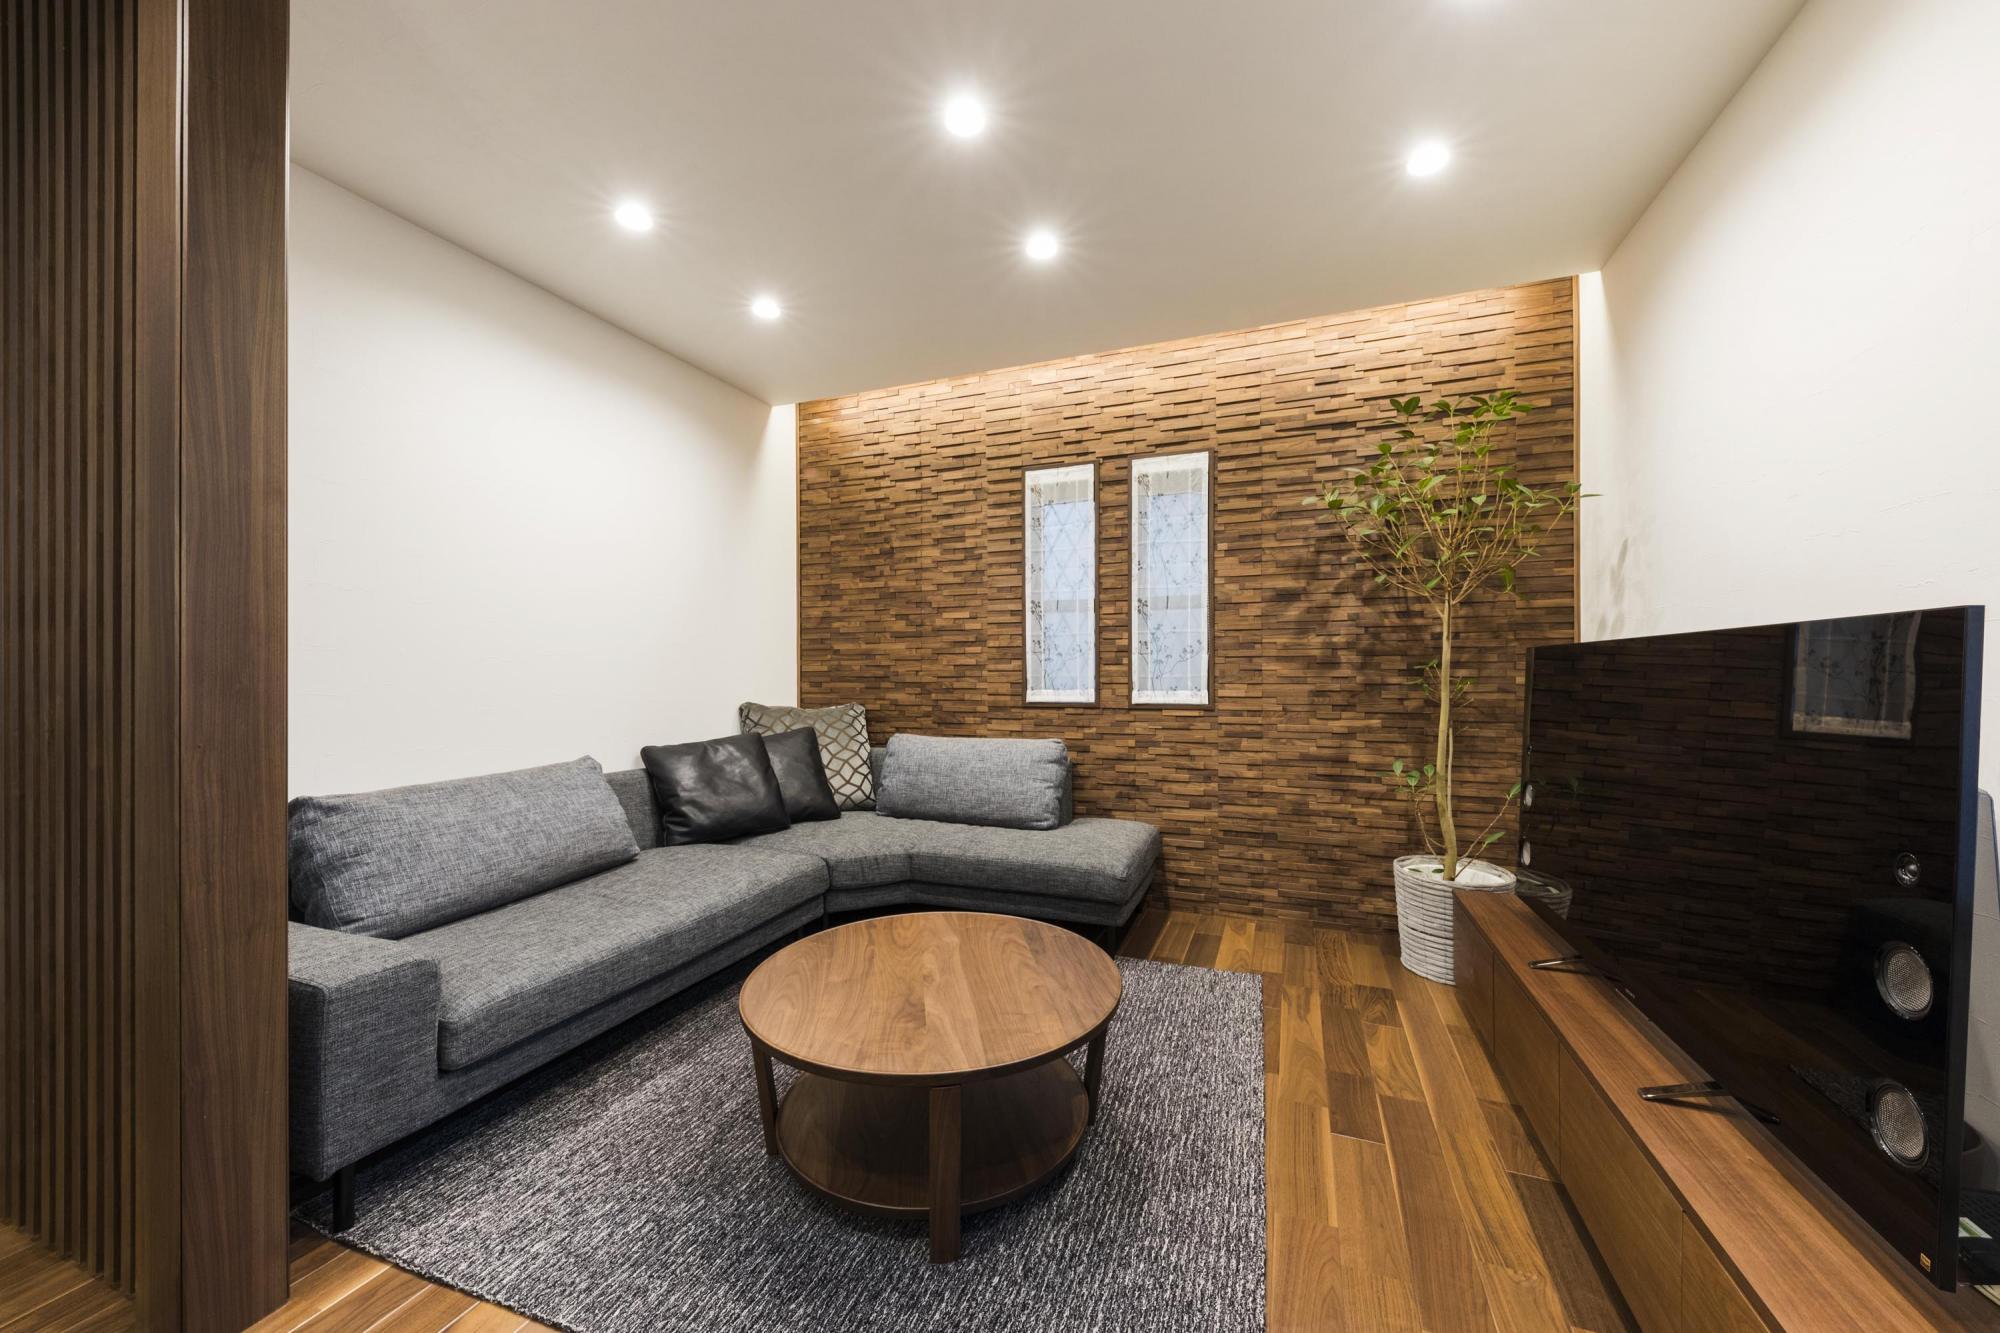 元々キッチンがあった場所は、間接照明とウッドパネルで演出したリビングに。インテリアの色味は、最初に床材をウォルナットに決め、家具やカーテン、照明などトータルにコーディネート。統一感があり、木質感溢れる空間となった。壁に採用したウッドパネルは、Wさんがショールームでひと目惚れした素材を採用している